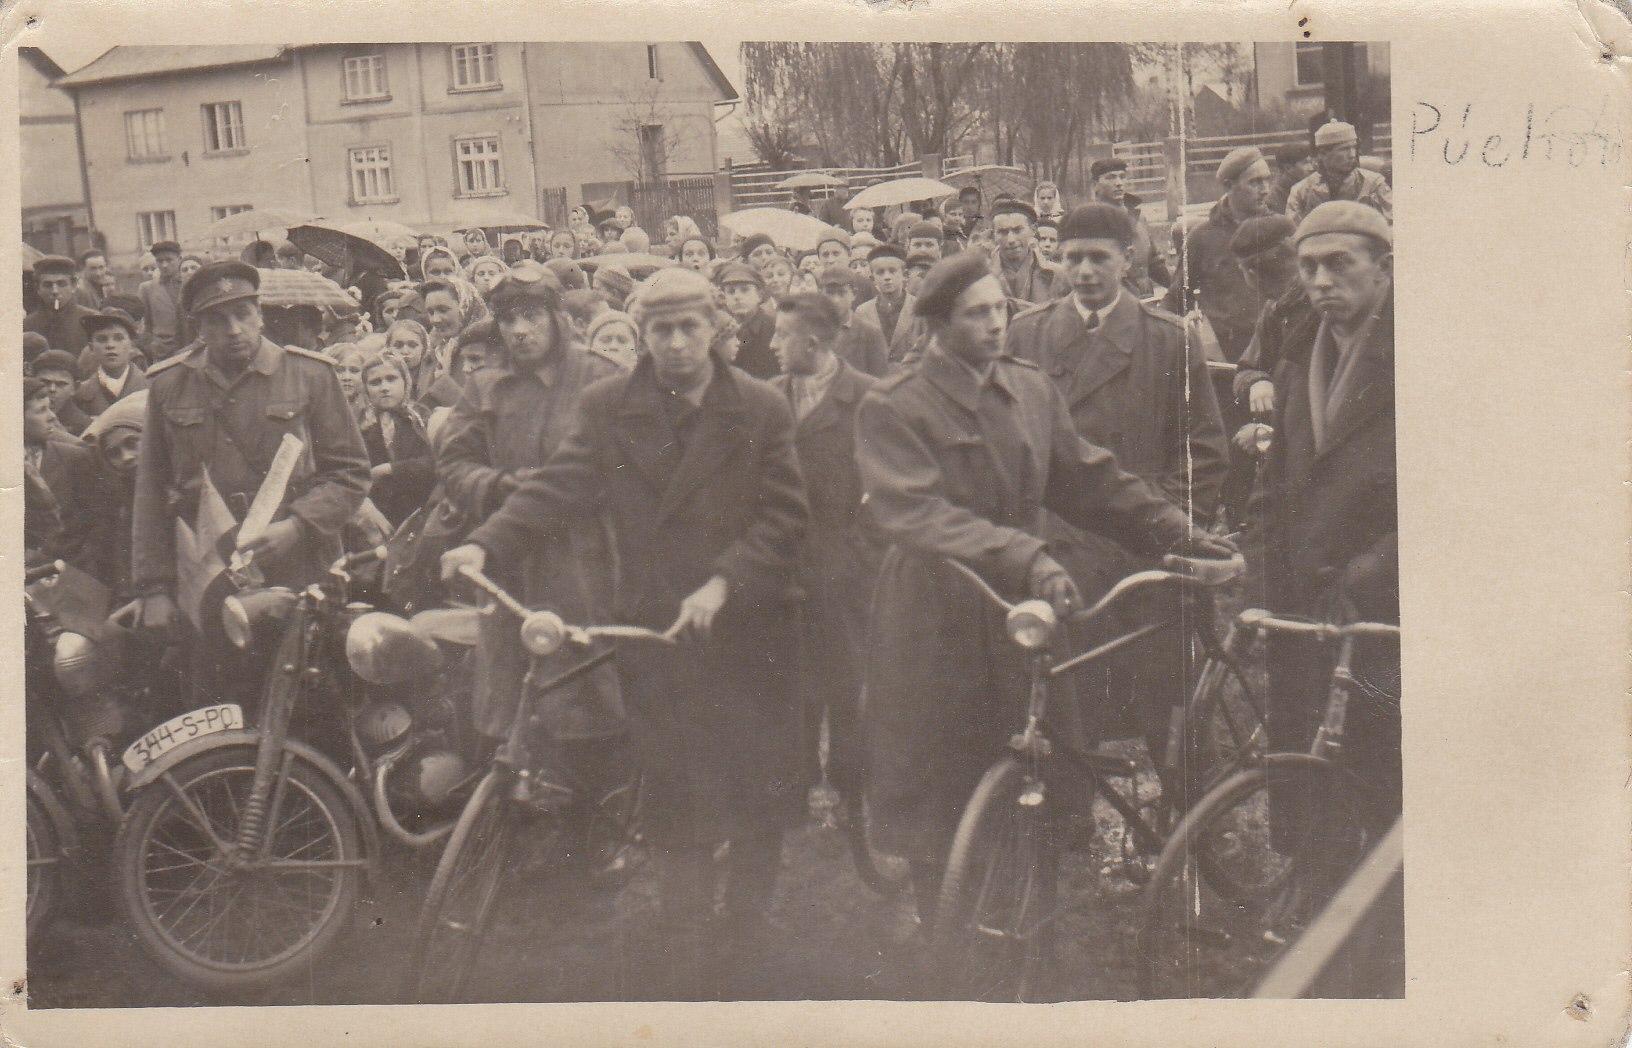 """Fotografia Štefánikovej ul. pravdepodobne z mája 1953, kedy prebiehali v Púchove cyklistické preteky. Trať viedla zo Štefánikovej na Hollého ulicu, Moravskú a späť na Štefánikovu. Jedno kolo bolo dlhé 850 metrov. Závodníci museli absolvovať okruhy podľa kategórií. Muži mali 42 okruhov."""""""